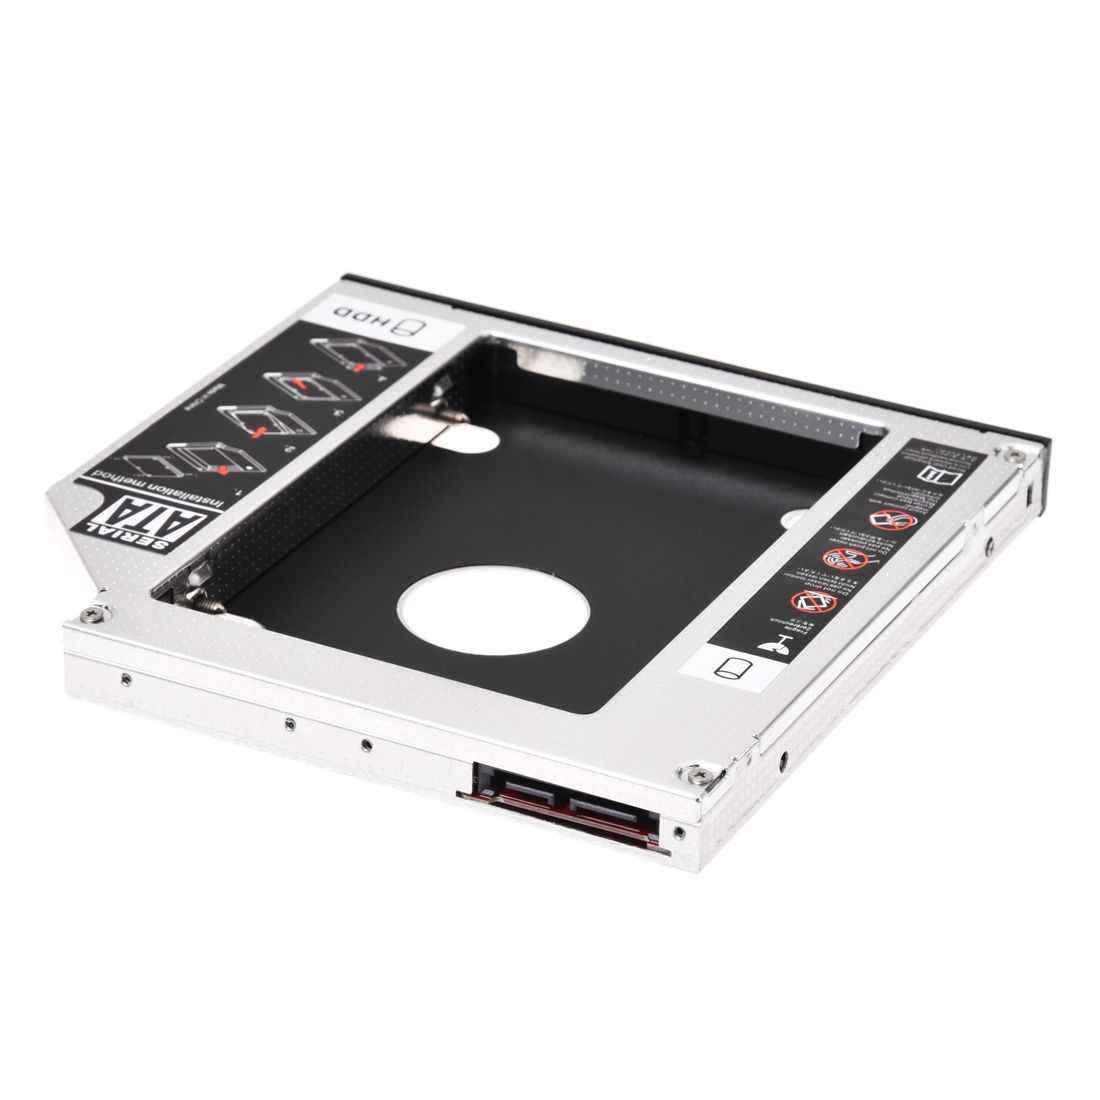 SATA 2nd HDD HD Gehäuse Festplatte Caddy Fall Fach, universal für 12,7mm Laptop CD/DVD-ROM Optische Bay Drive Slot (für SSD